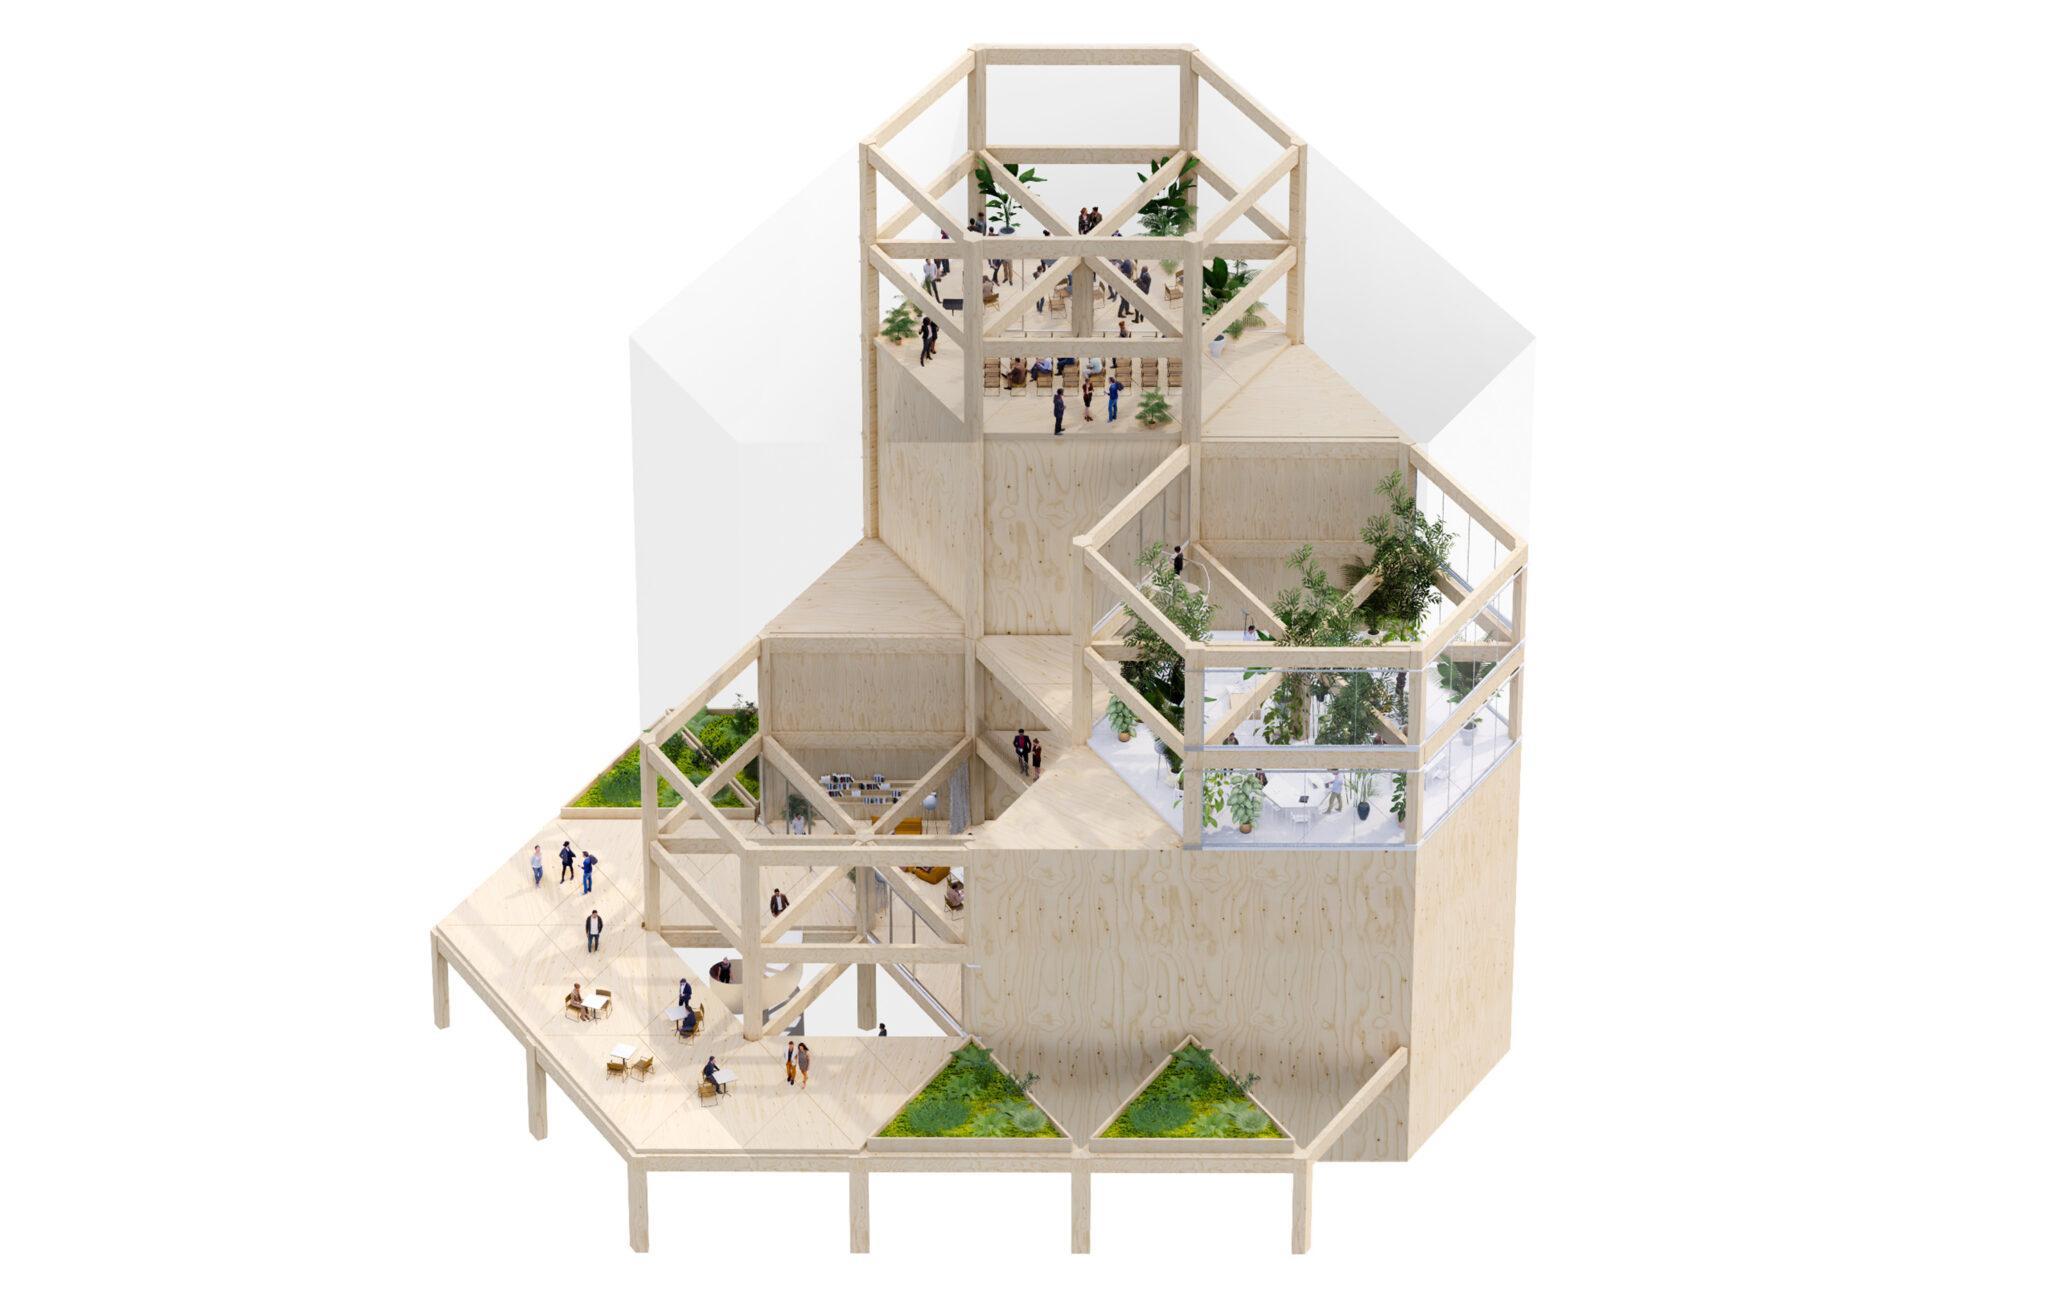 Leiedal RAU Architects Axonometry